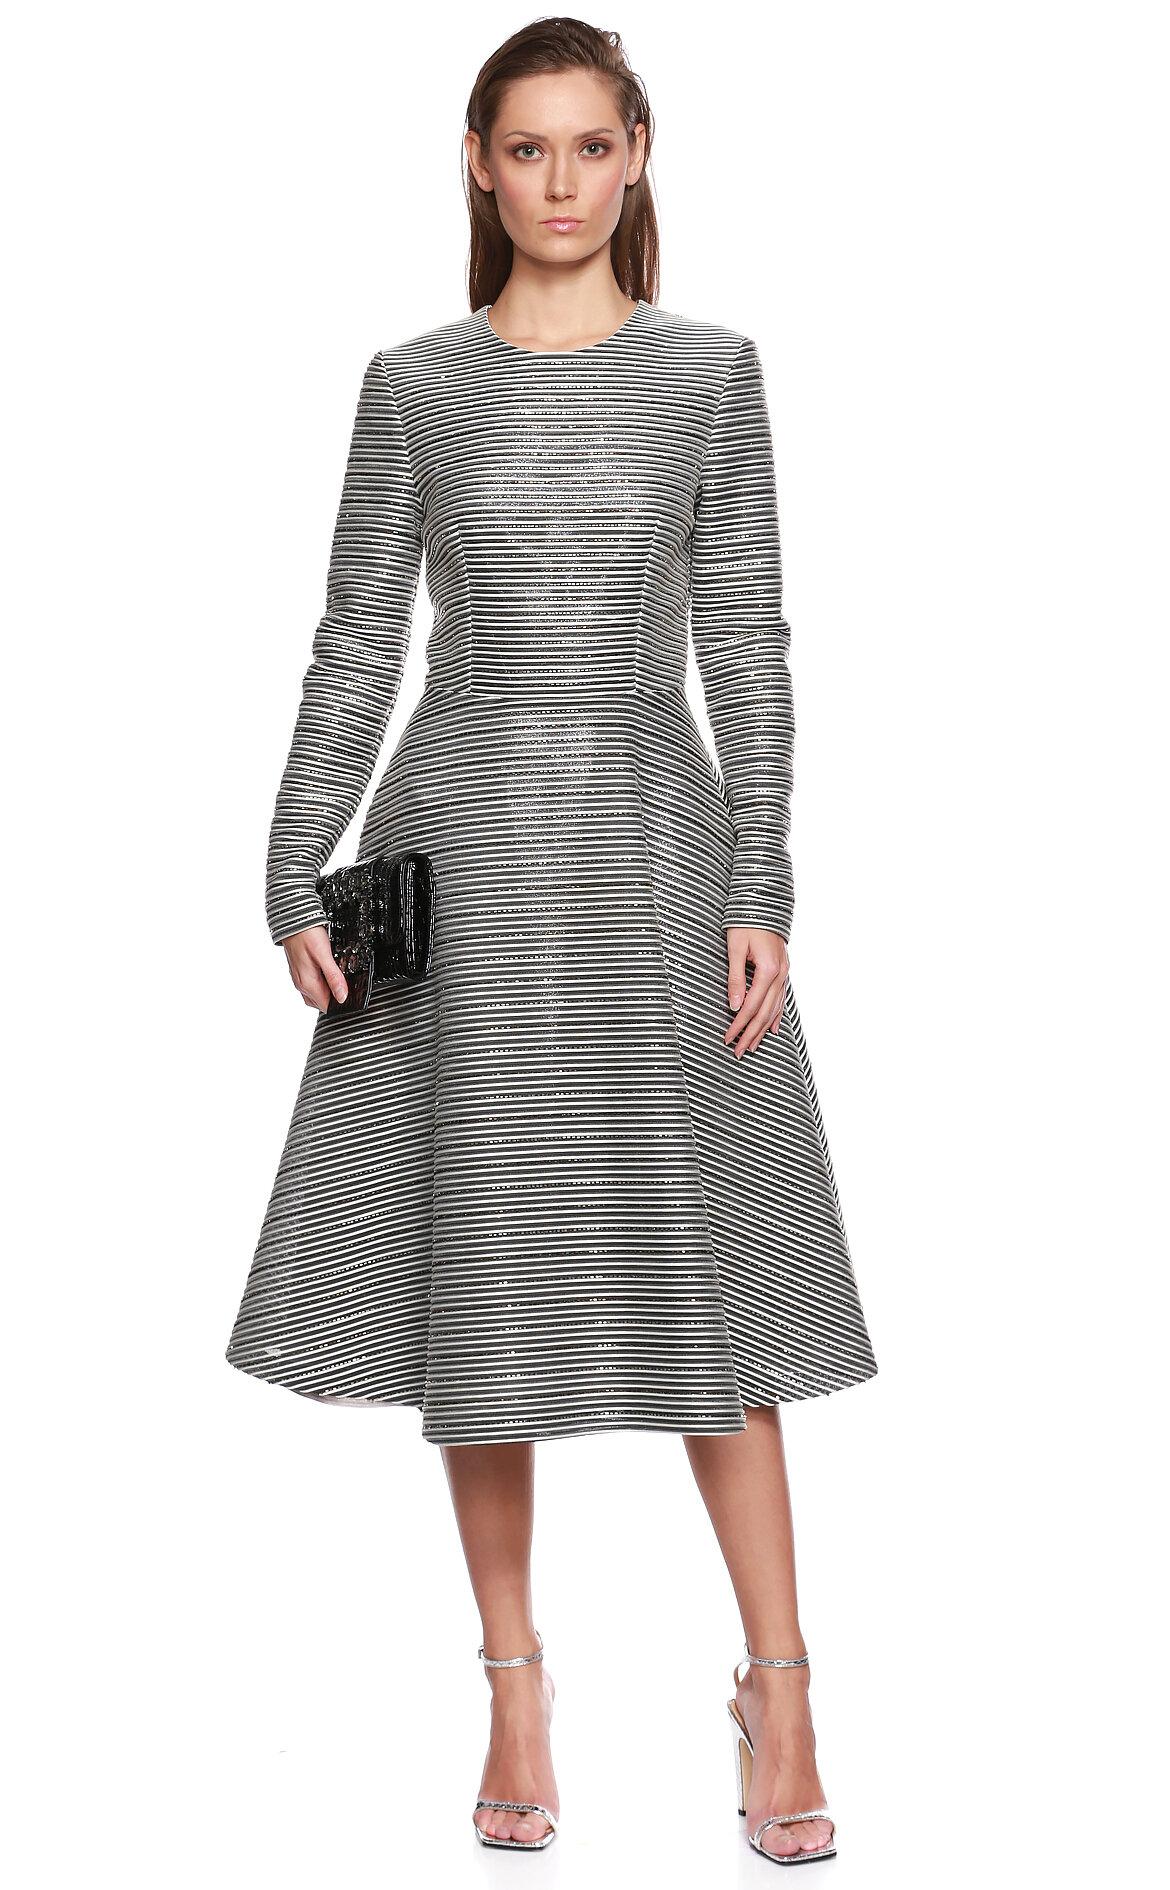 Meltem Ozbek-Meltem Ozbek İşleme Detaylı Gri Çizgili Elbise